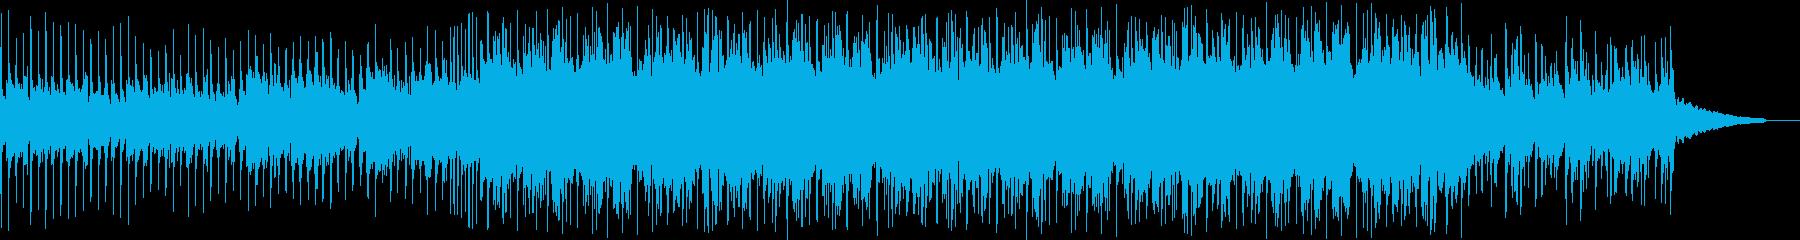 ポップ センチメンタル 感情的 楽...の再生済みの波形